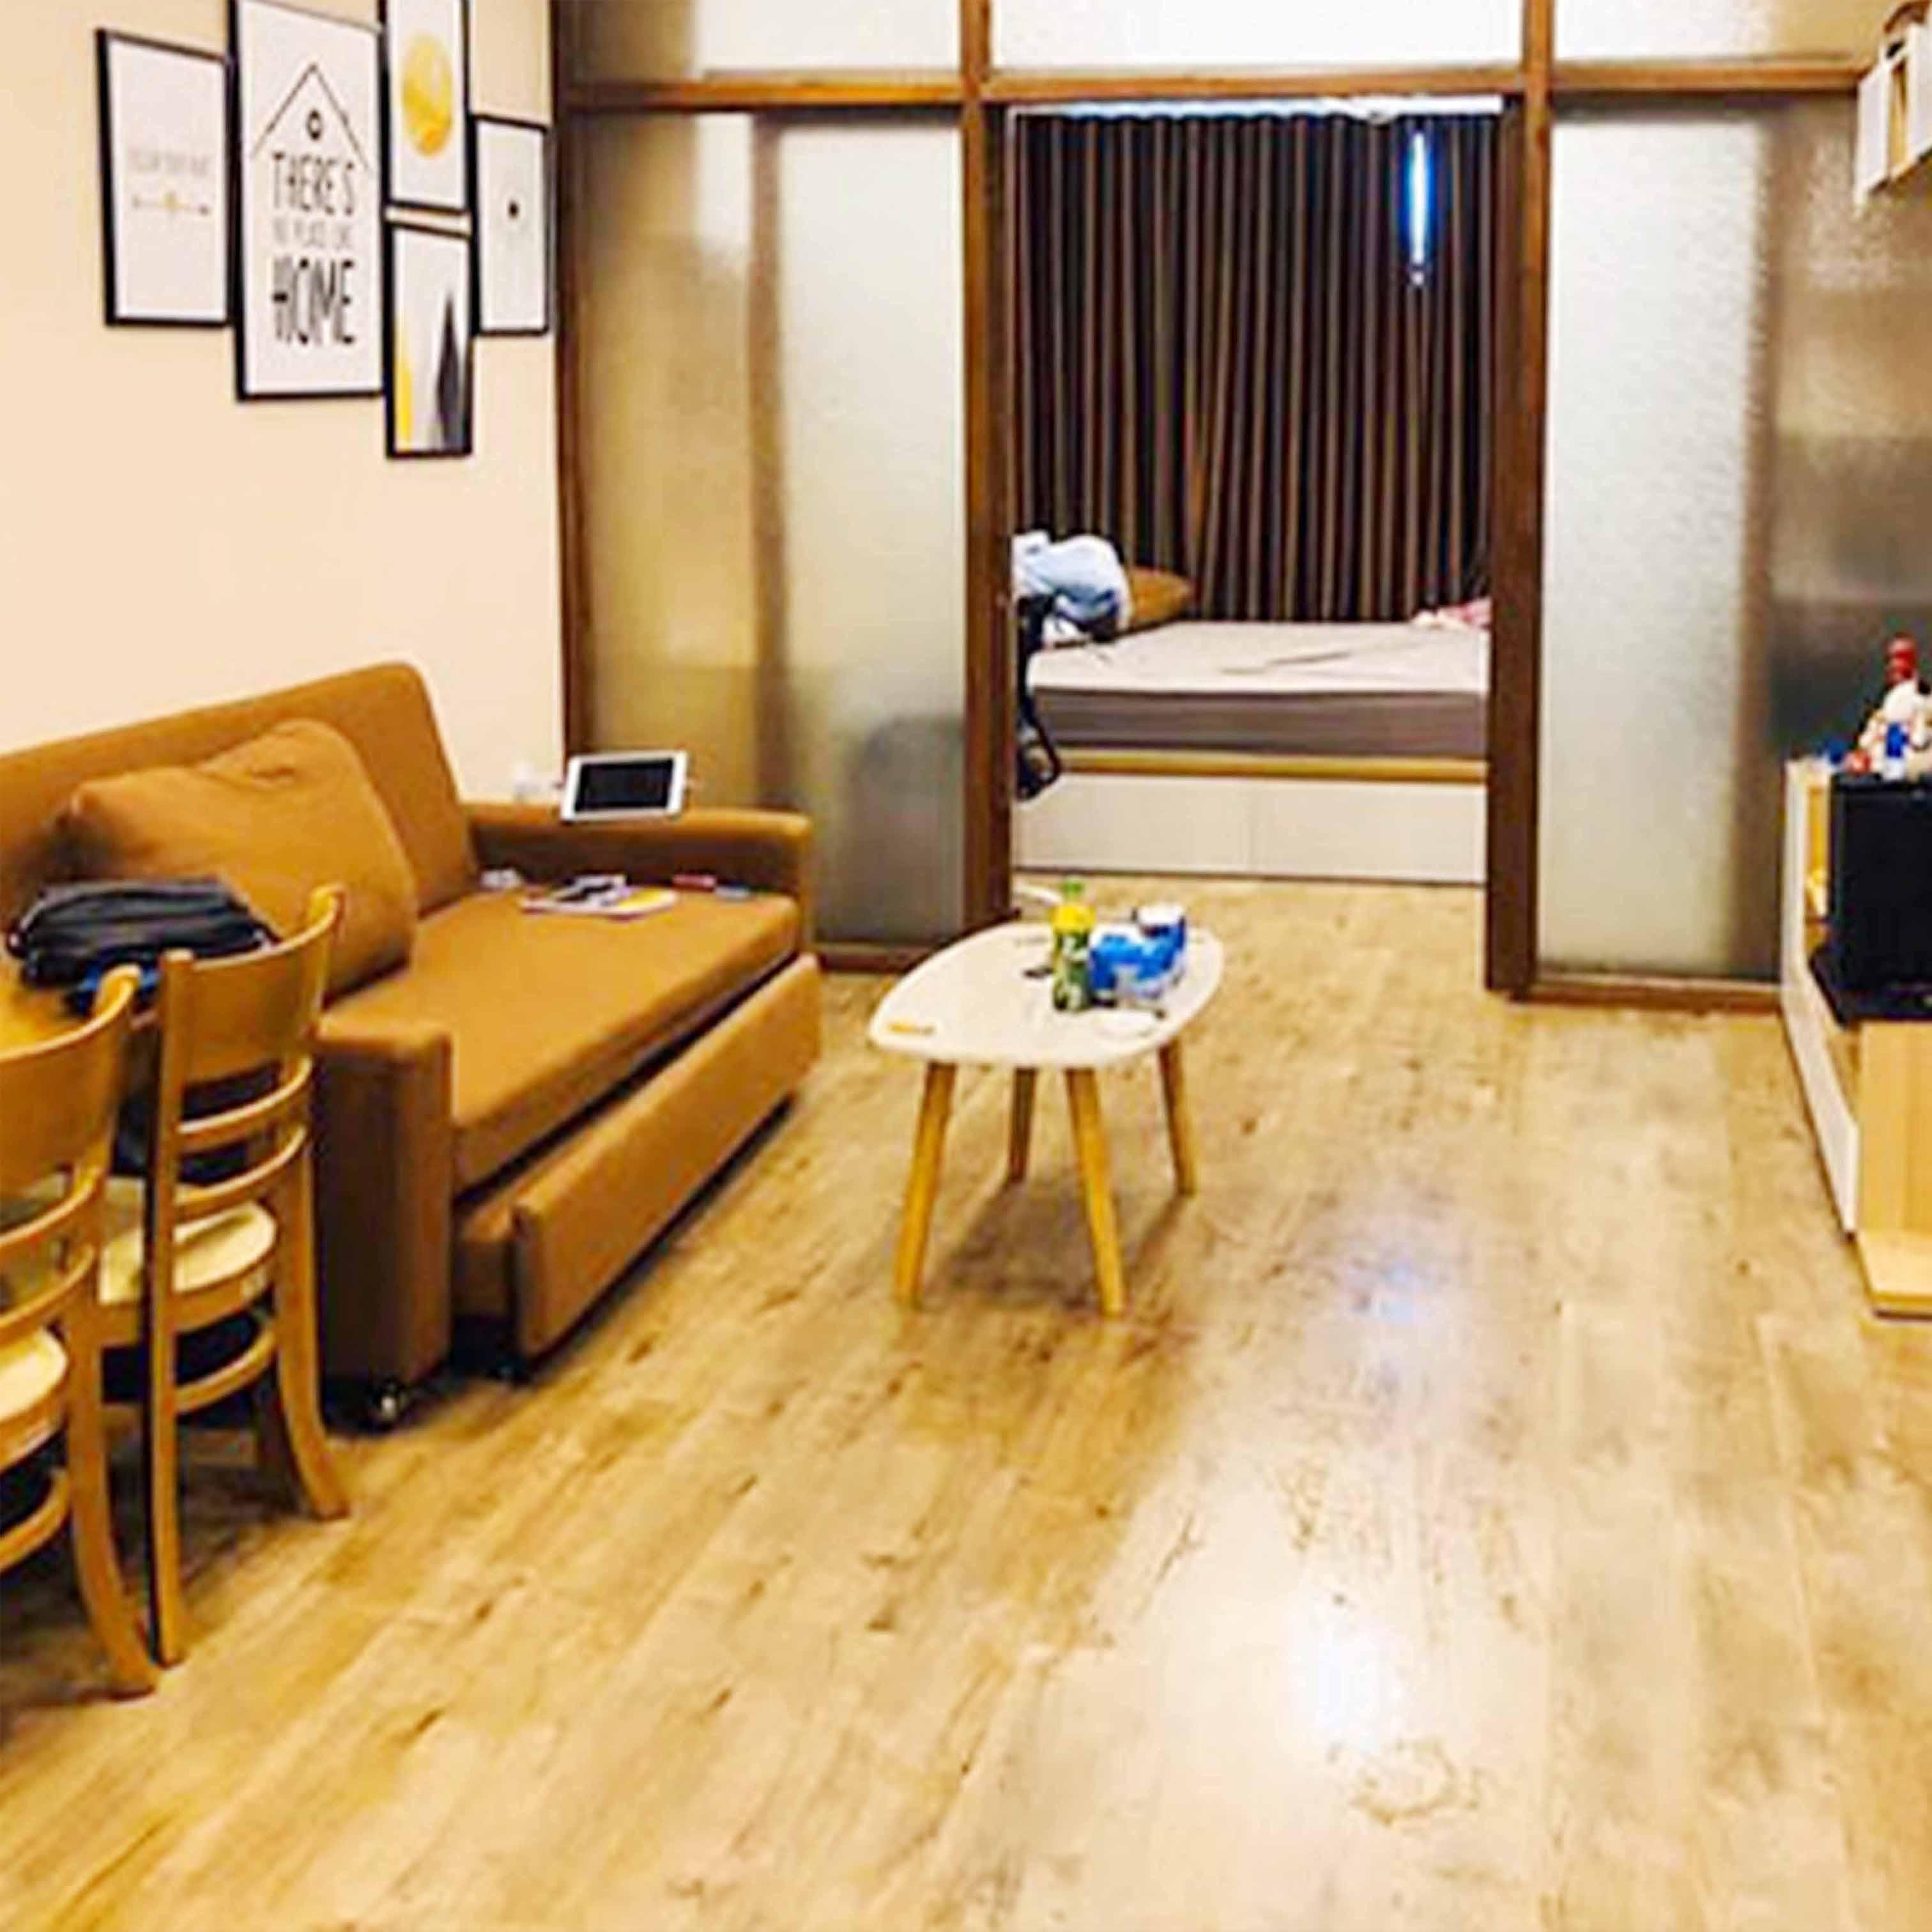 Thiết kế và thi công căn hộ chung cư tại Hà Đông - TK10LHFU